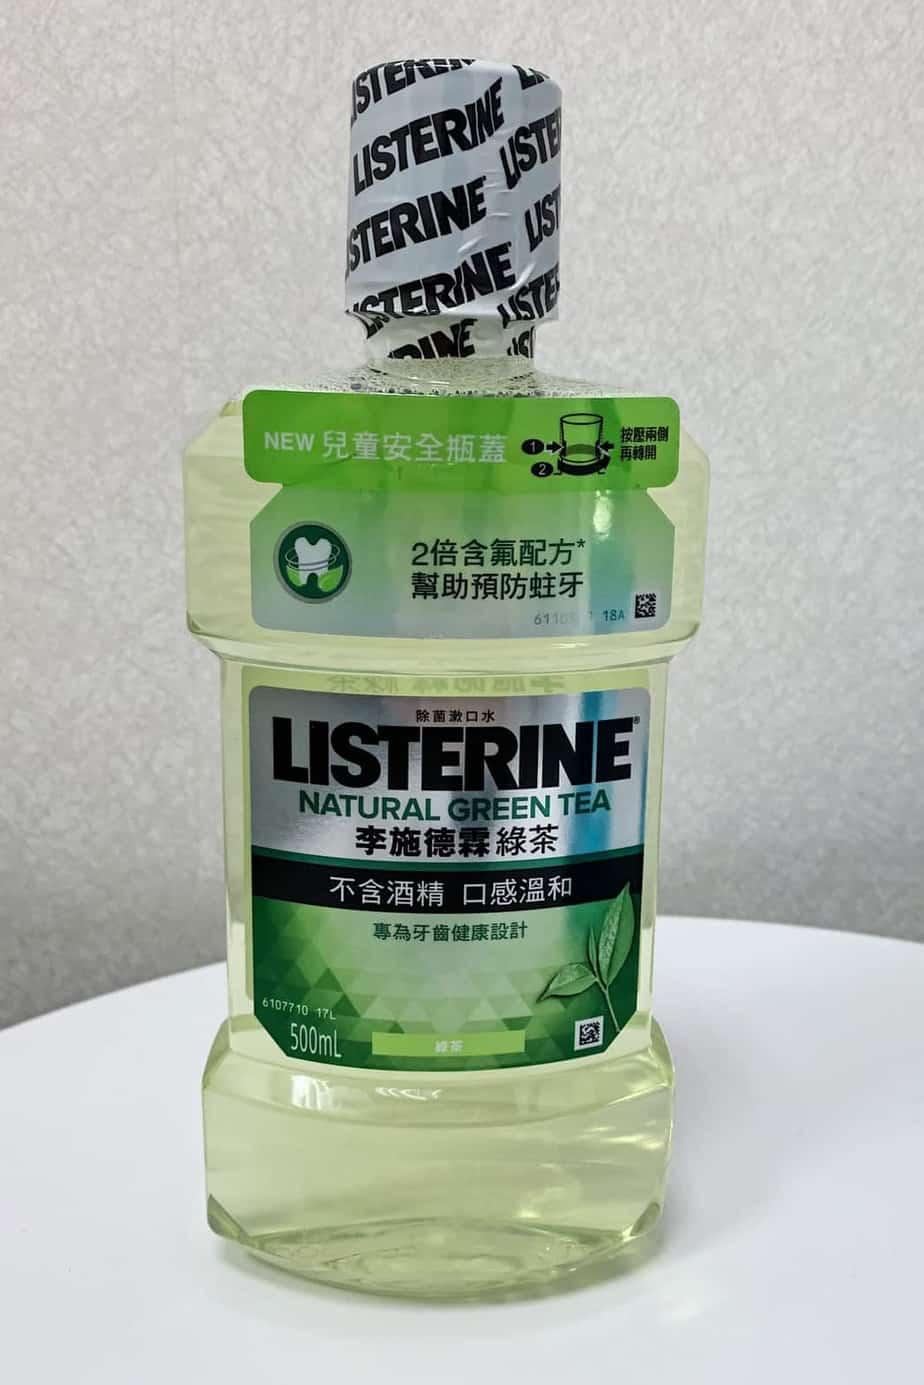 李施德霖 綠茶防蛀漱口水-防蛀護齦 全口除菌